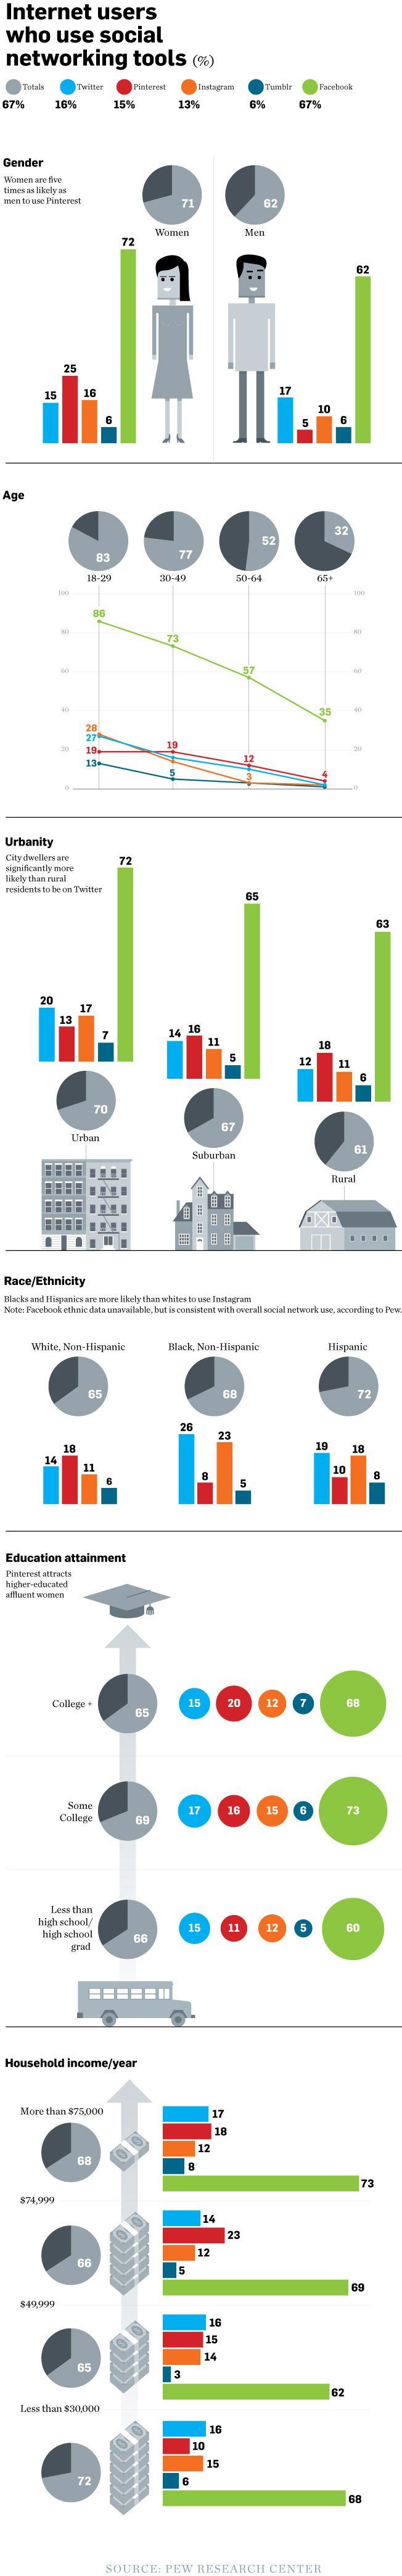 social-media-user-demographics.jpg